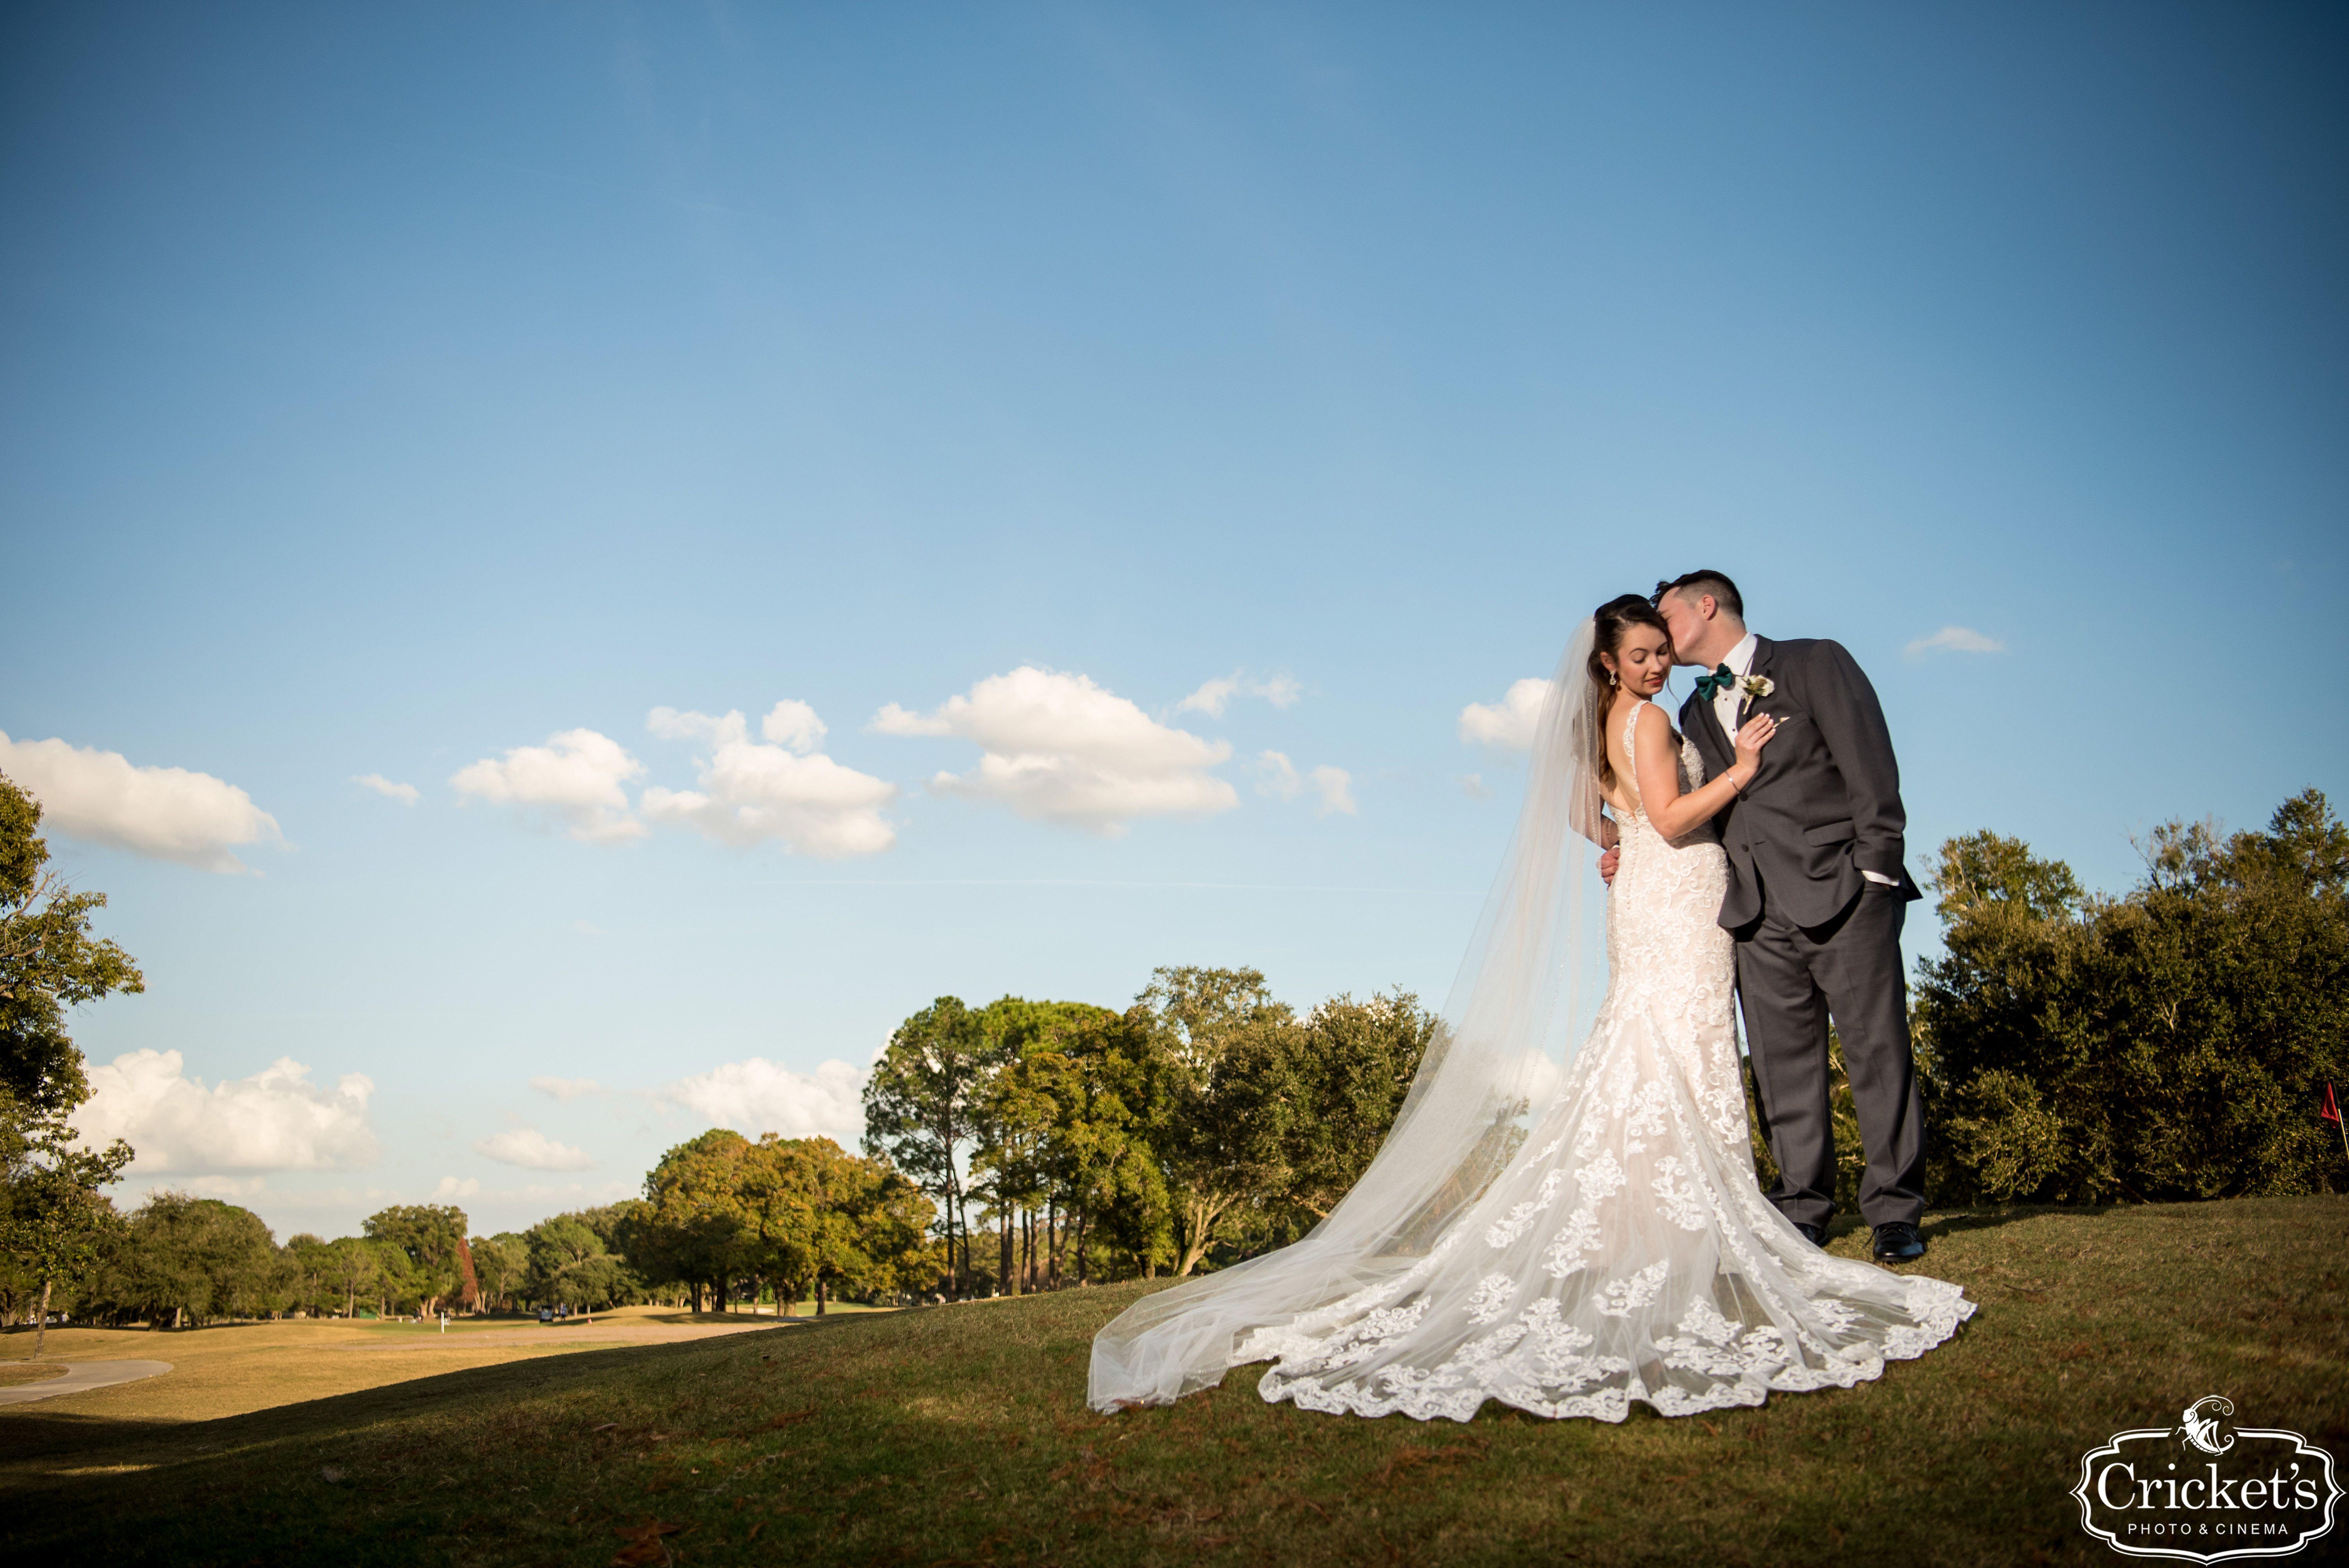 orlando wedding venue - dubsdread catering - couple - crickets